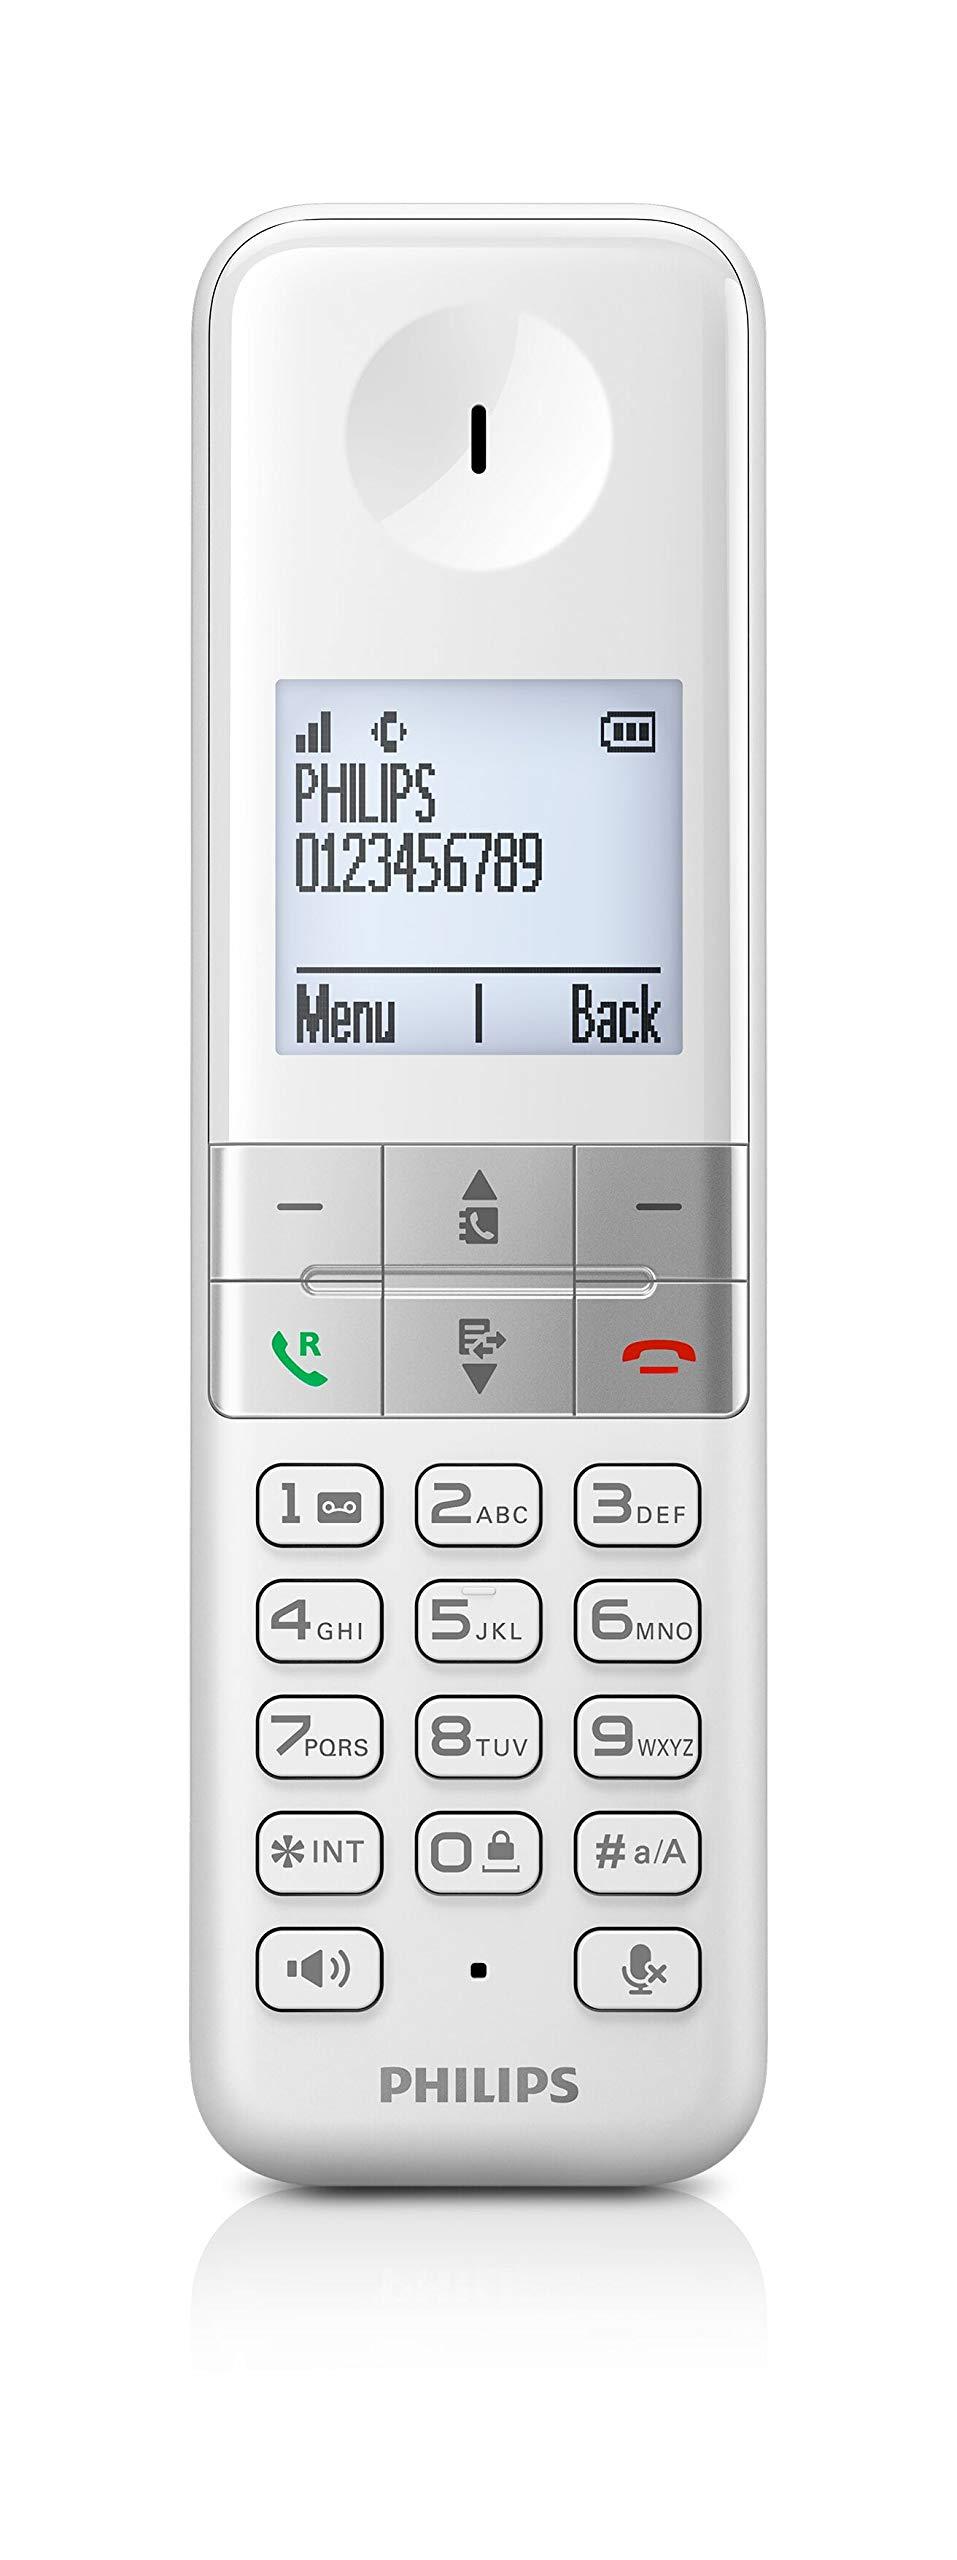 Philips D4701W/34 - Teléfono Fijo Inalámbrico (Pantalla Retroiluminada, HQ-Sound, 16 Horas, Contacto 2 Números, Manos Libres, My Sound, Modo Privado, Despertador, Indicador de Evento, Eco+) Blanco: Amazon.es: Electrónica